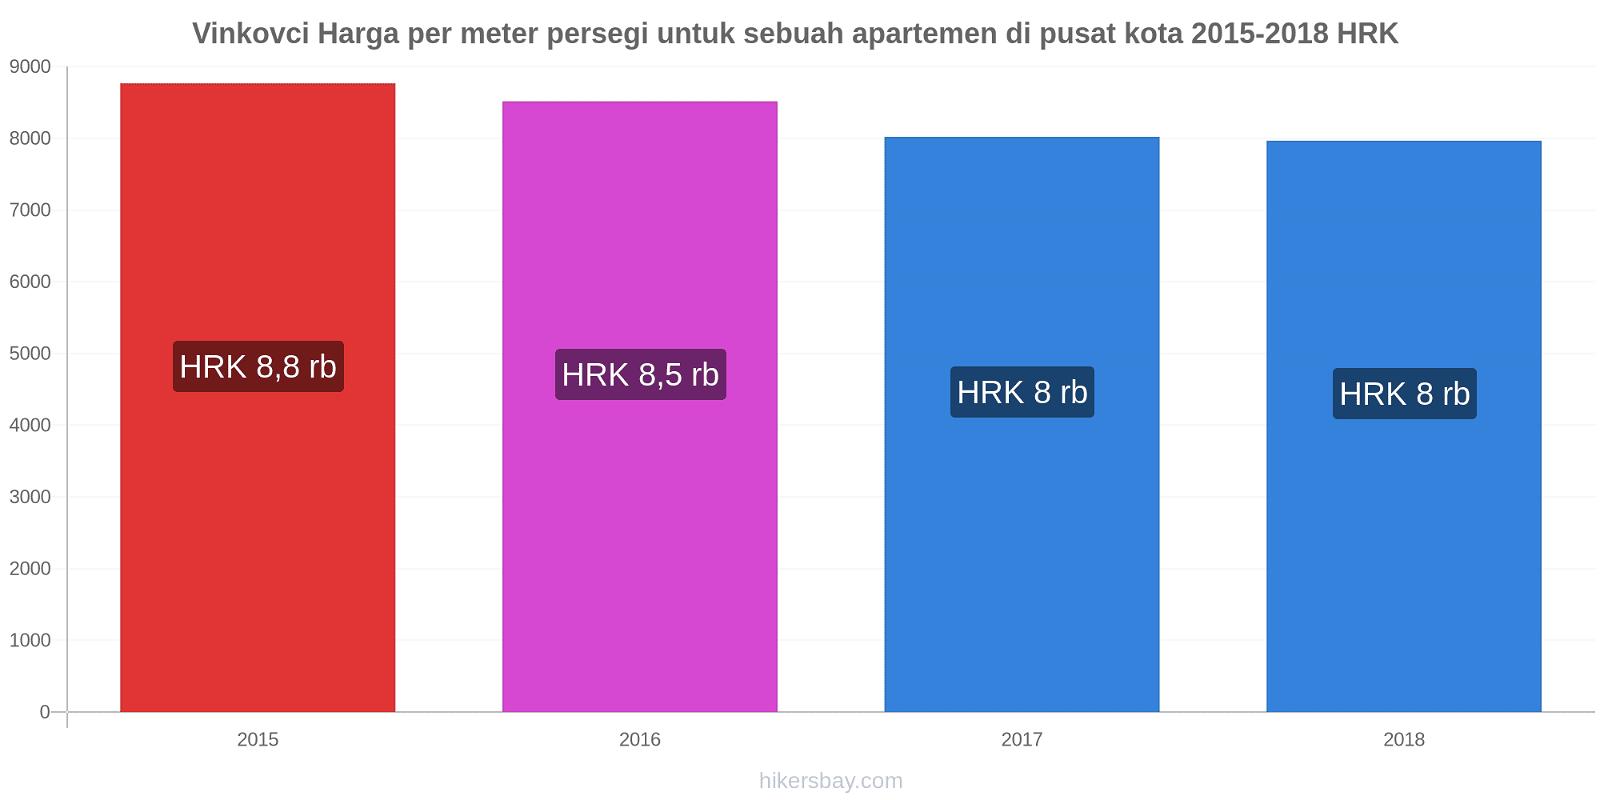 Vinkovci perubahan harga Harga per meter persegi untuk sebuah apartemen di pusat kota hikersbay.com